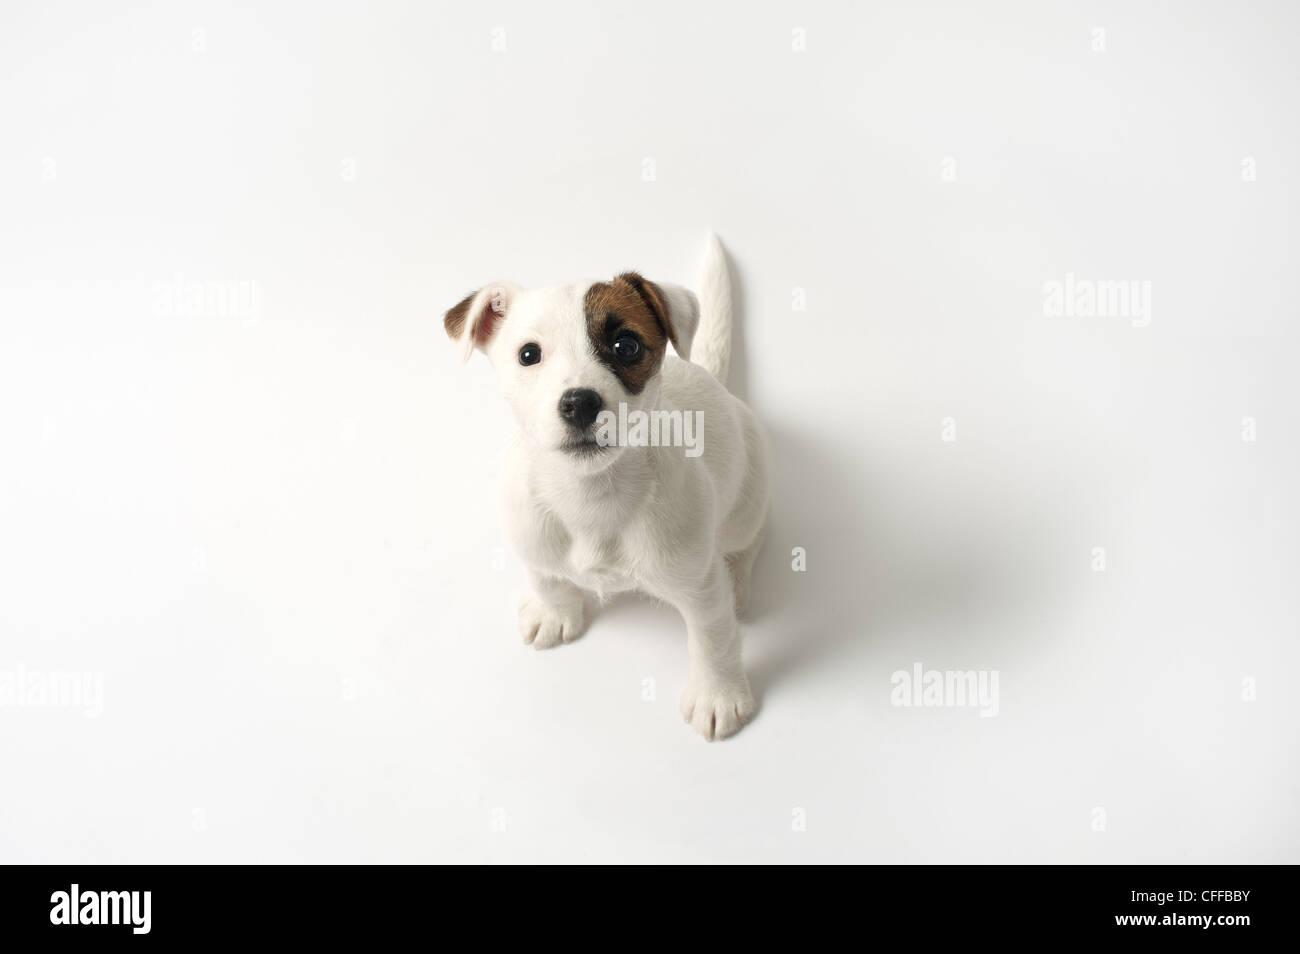 Jack Russell cucciolo da sopra su sfondo bianco Immagini Stock